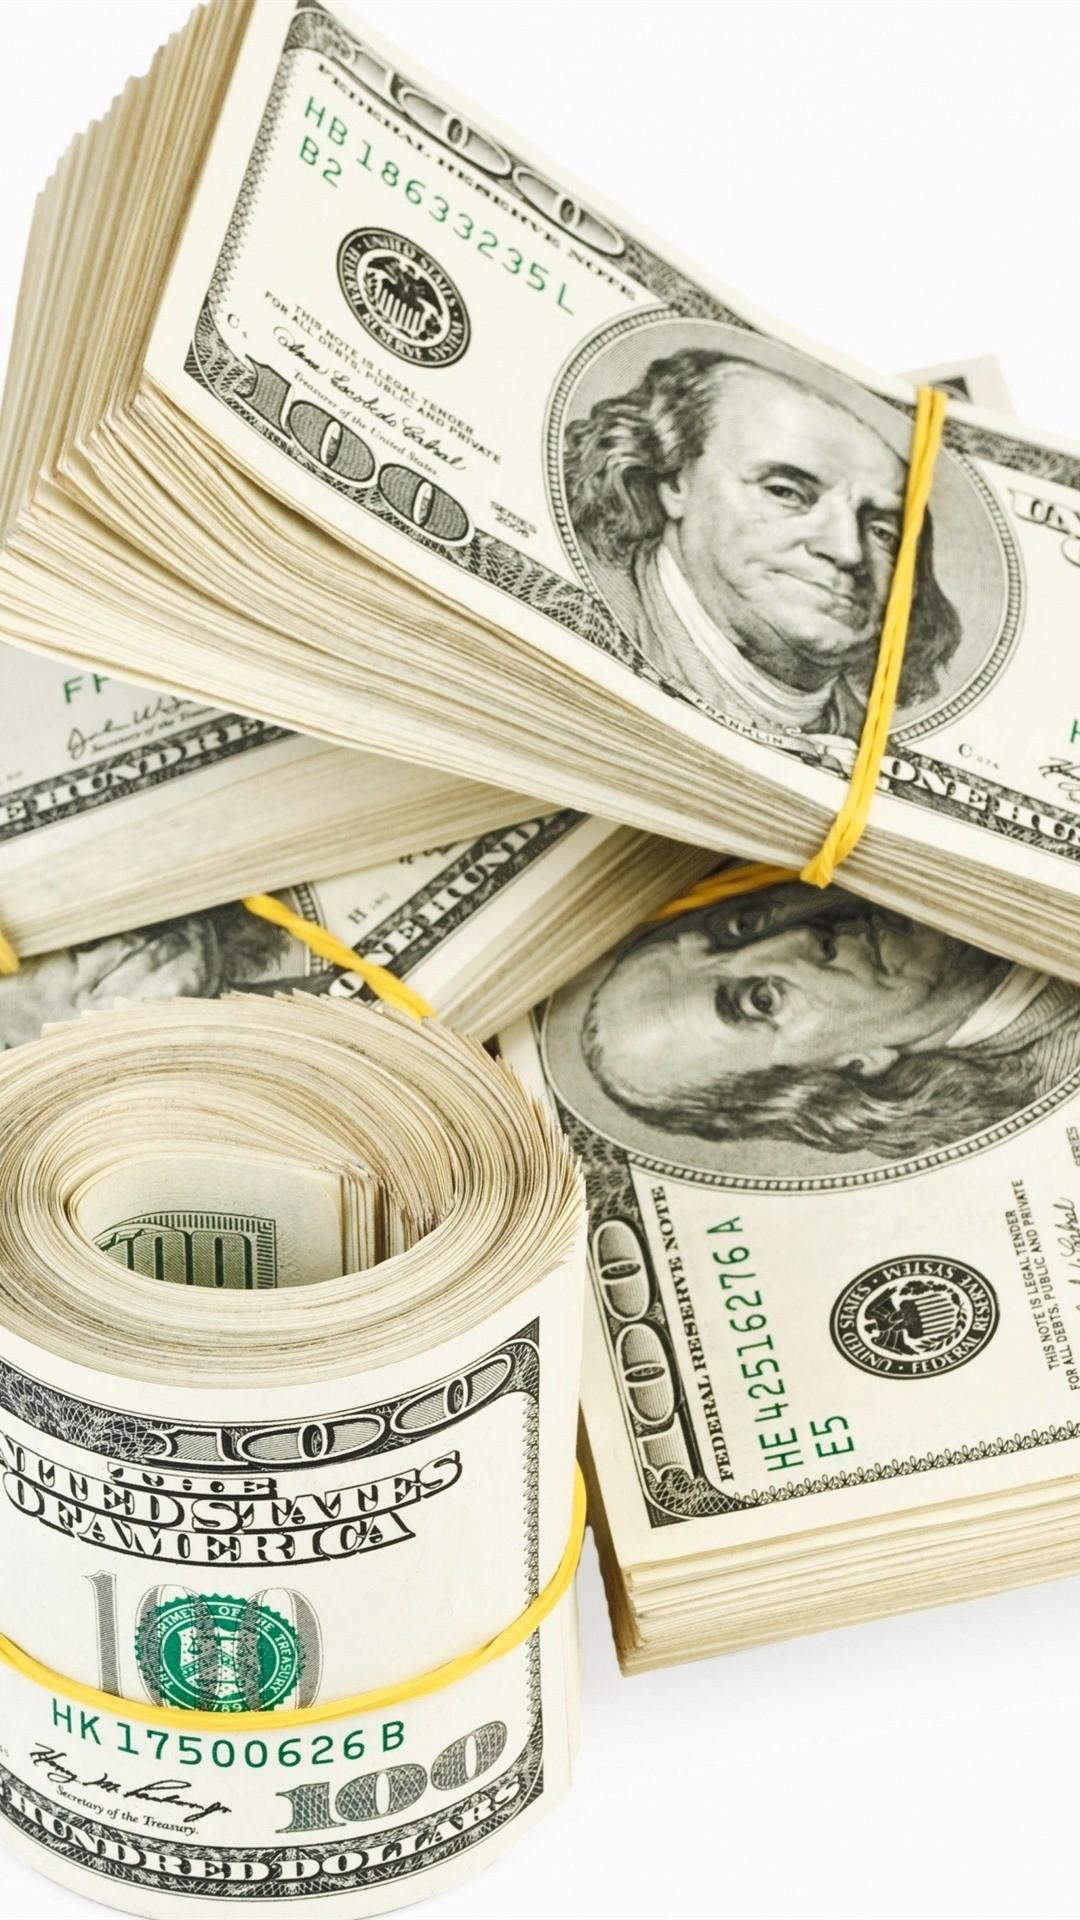 Money iphone wallpaper